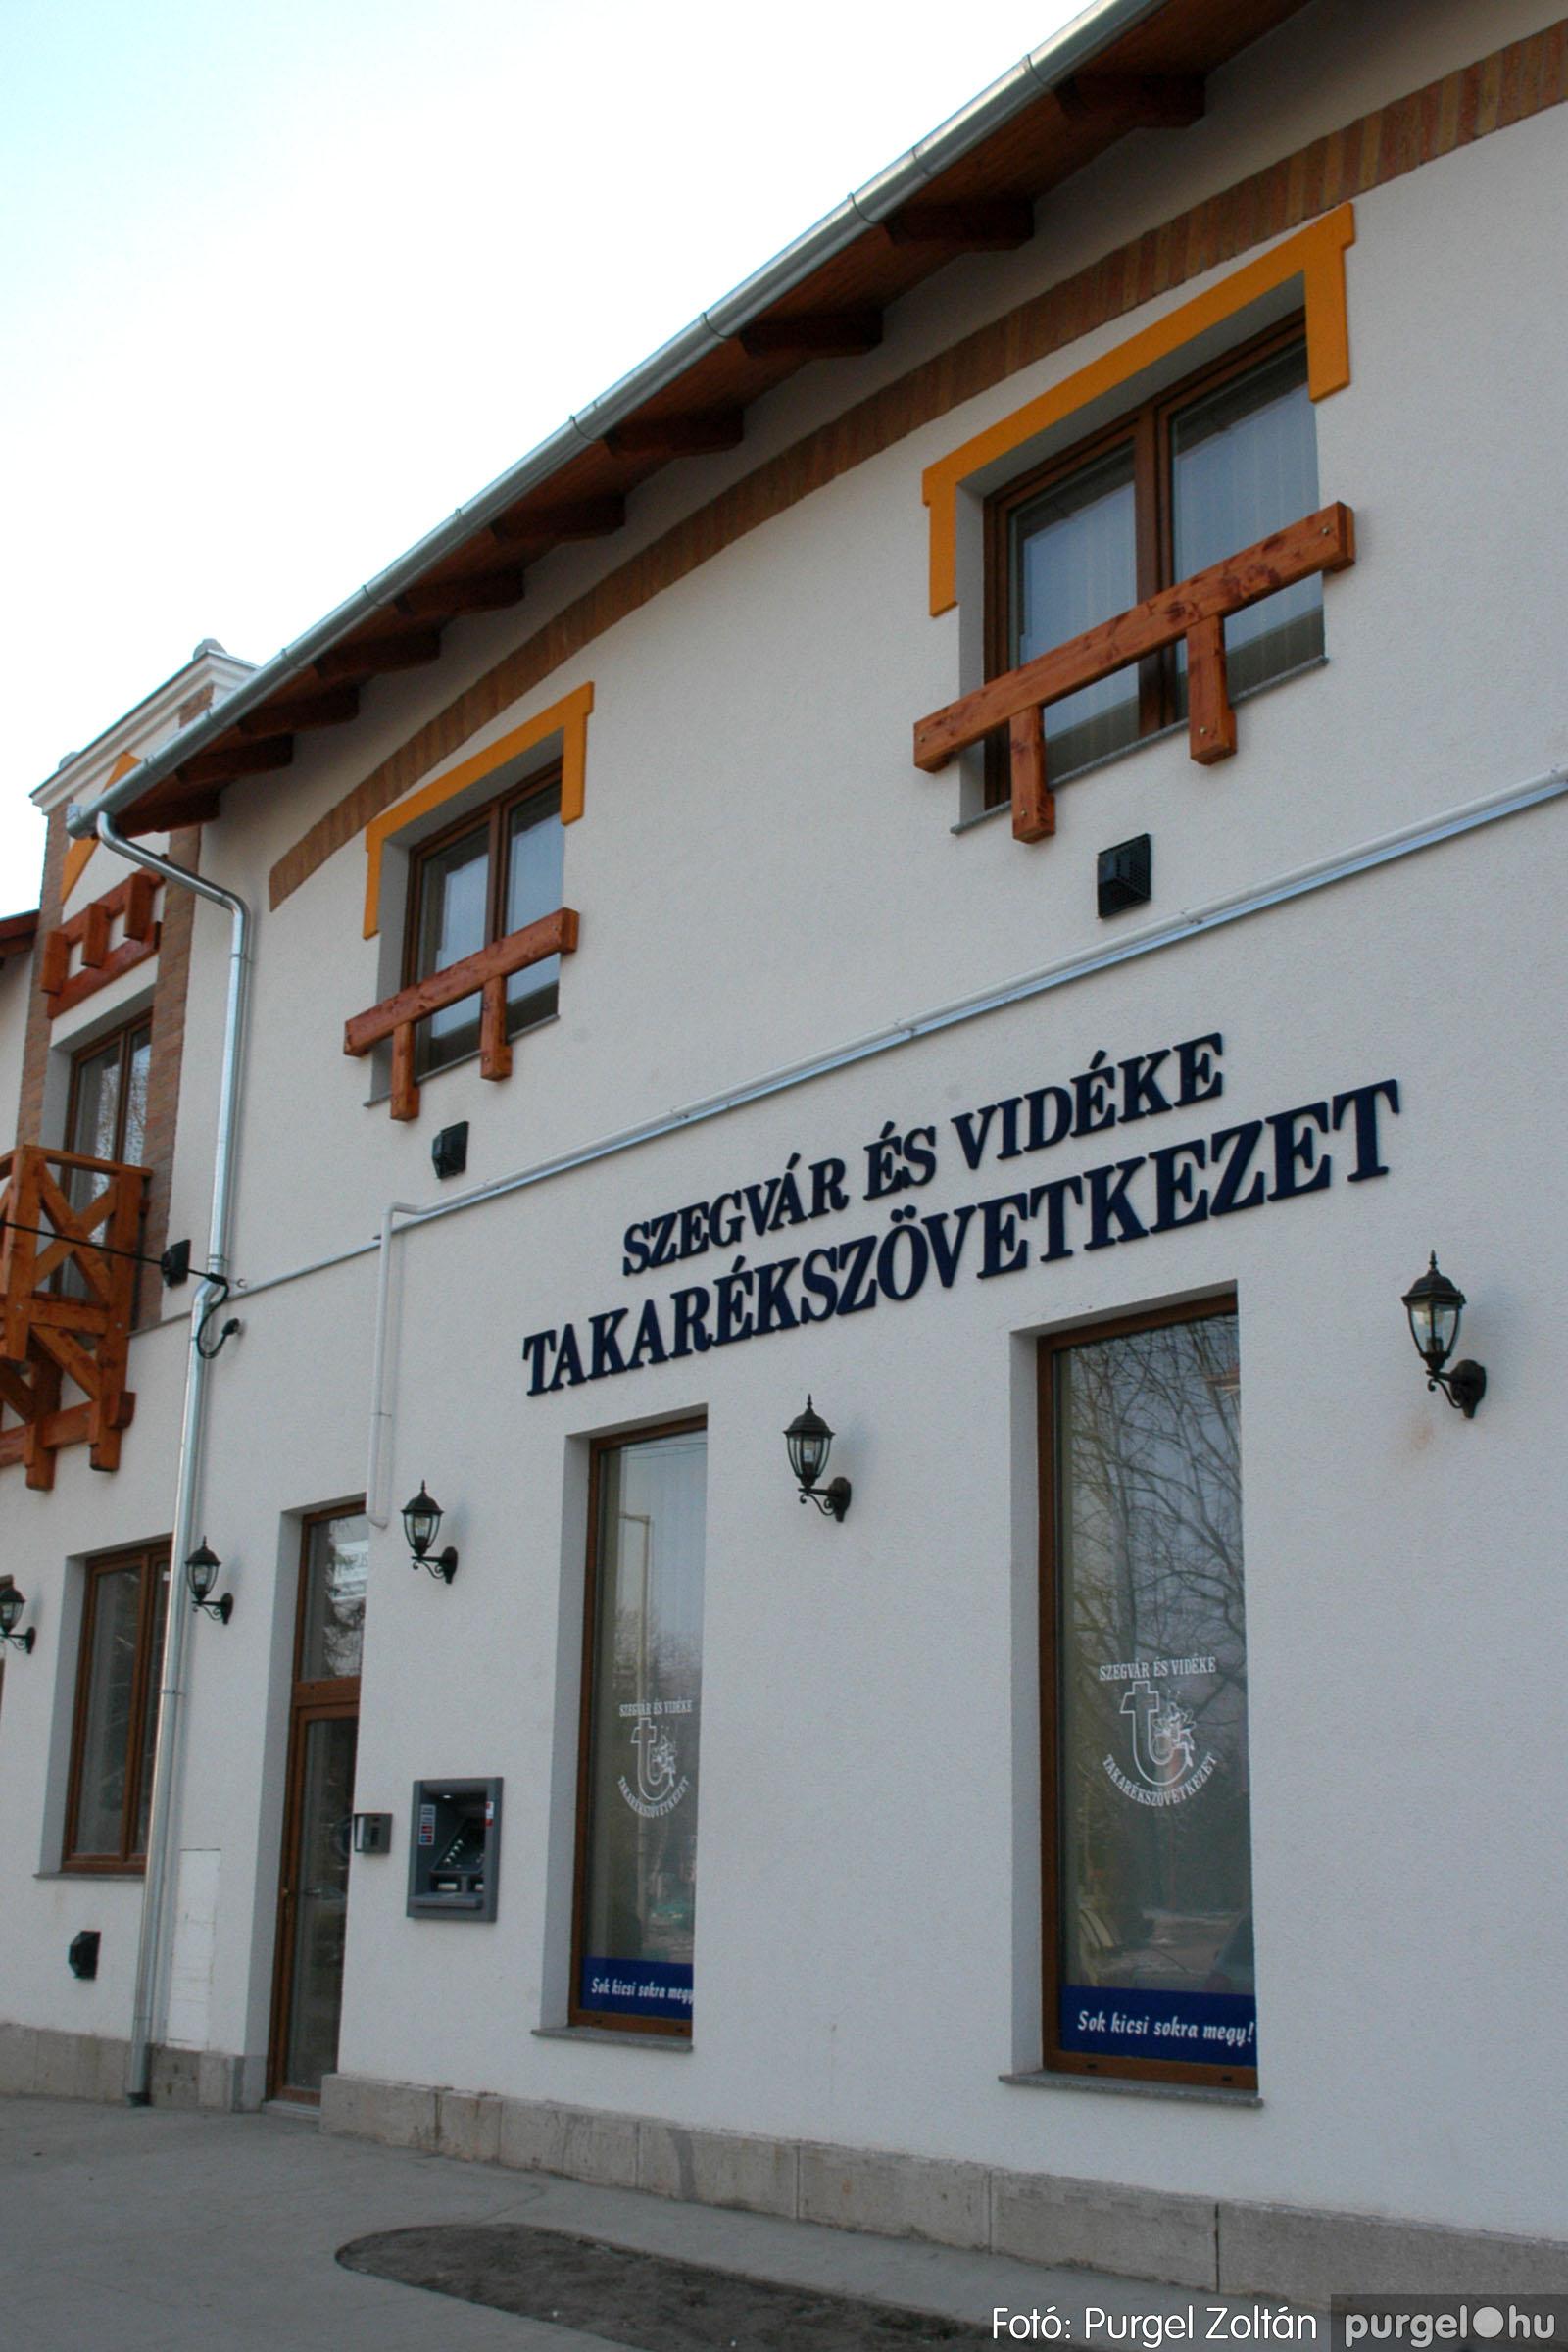 2010.01.28. 021 Szegvár és Vidéke Takarékszövetkezet kisteleki kirendeltség megnyitó - Fotó:P. Z.©.jpg